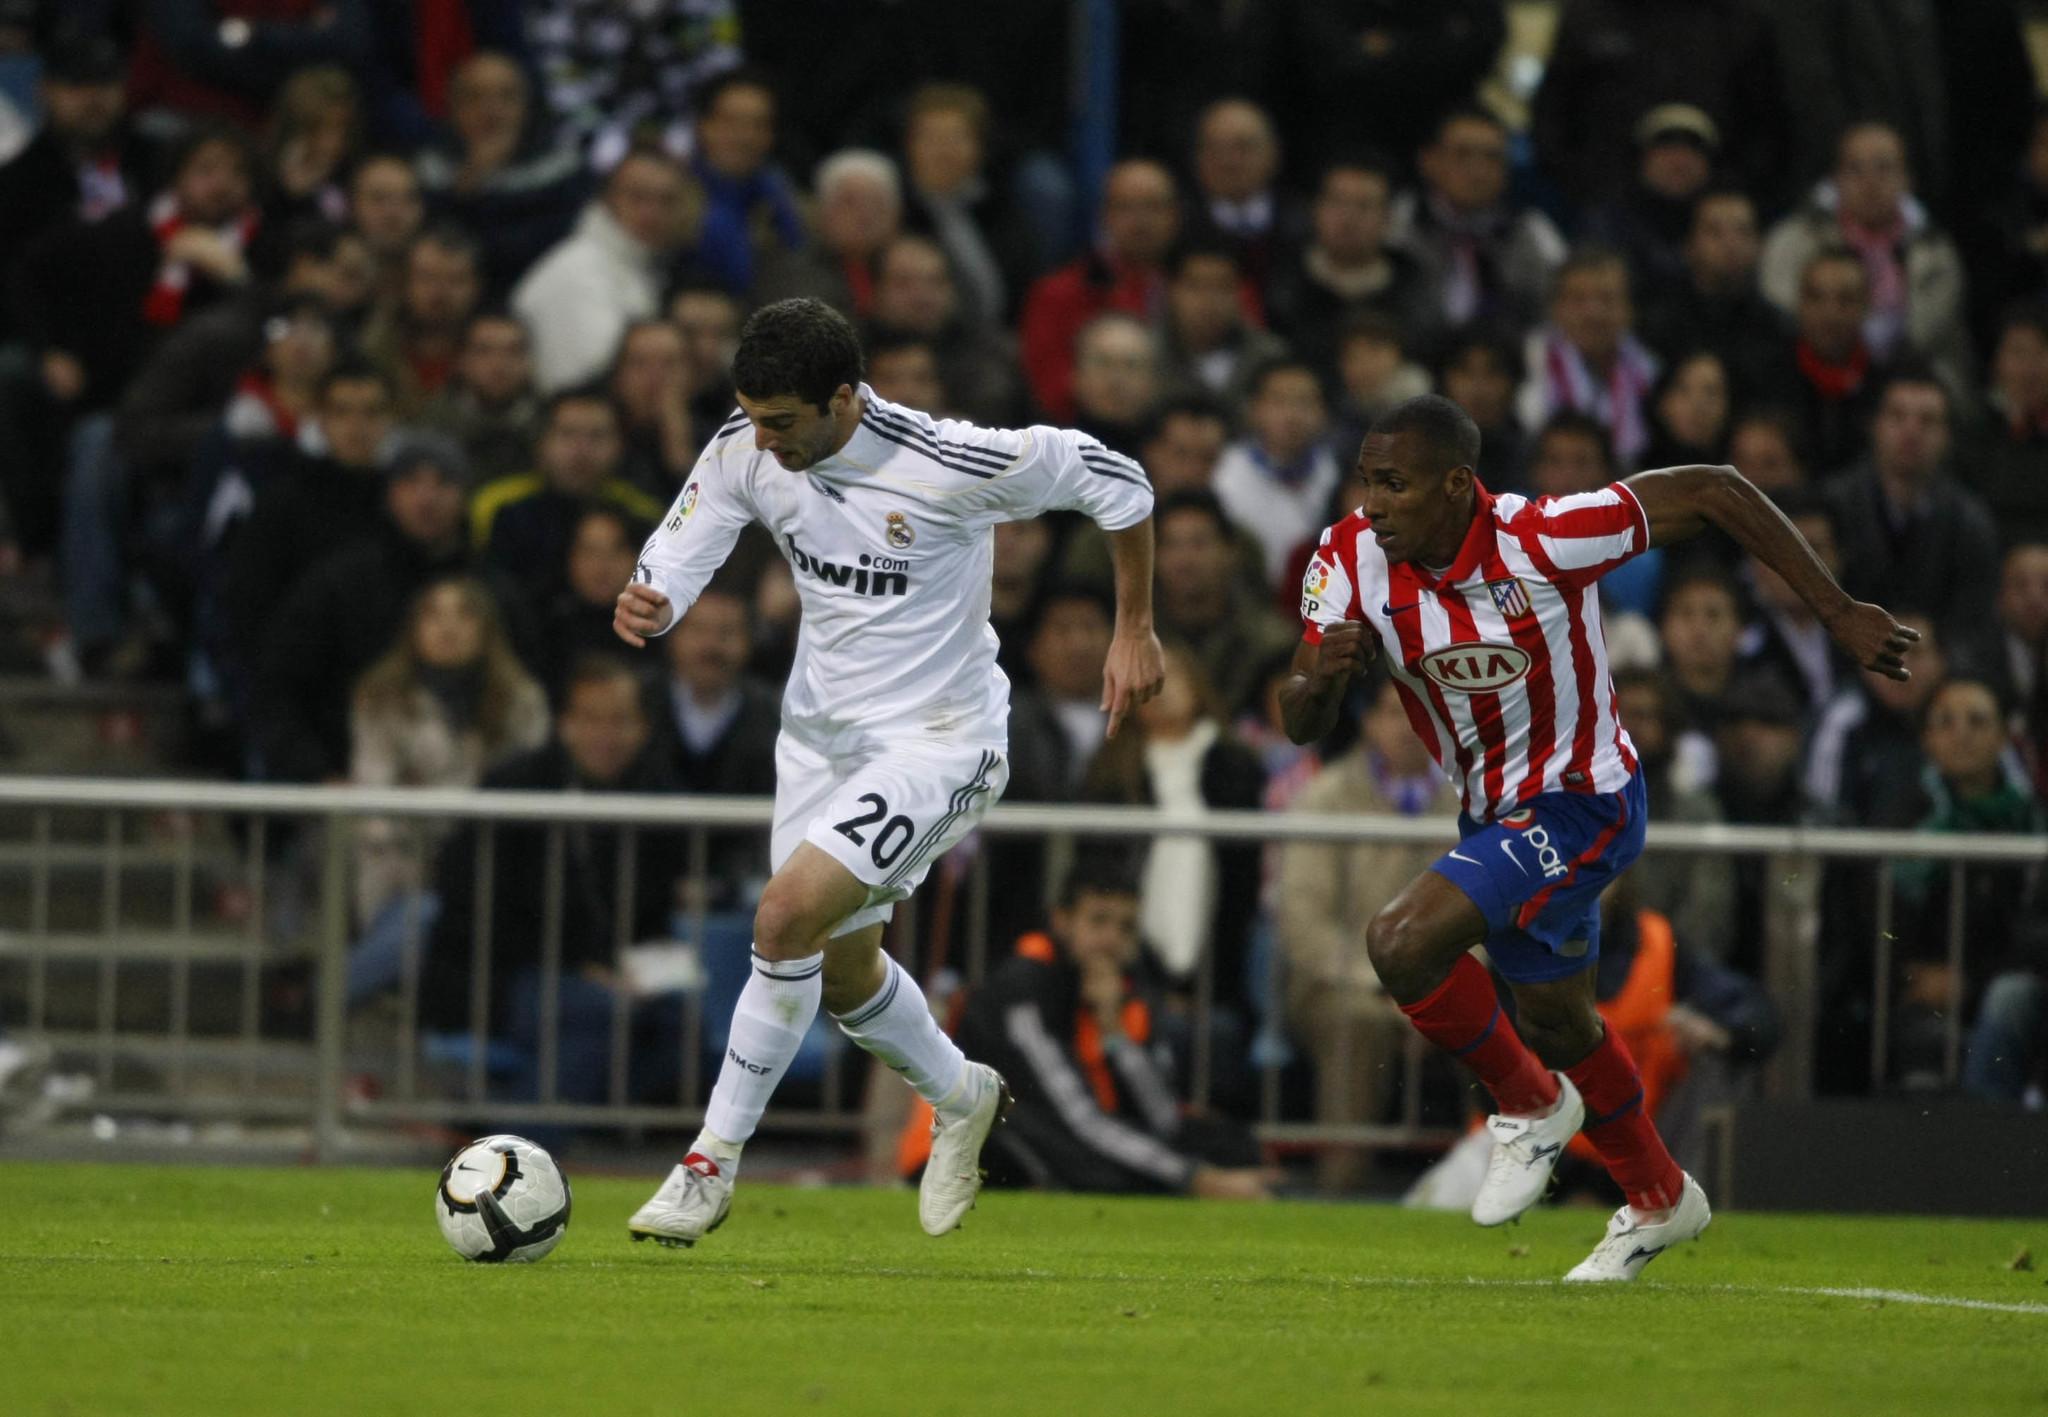 PARTIDO DE LIGA ENTRE EL ATLETICO Y EL REAL MADRID EN EL VICENTE <HIT>CALDERON</HIT> gol 0-3